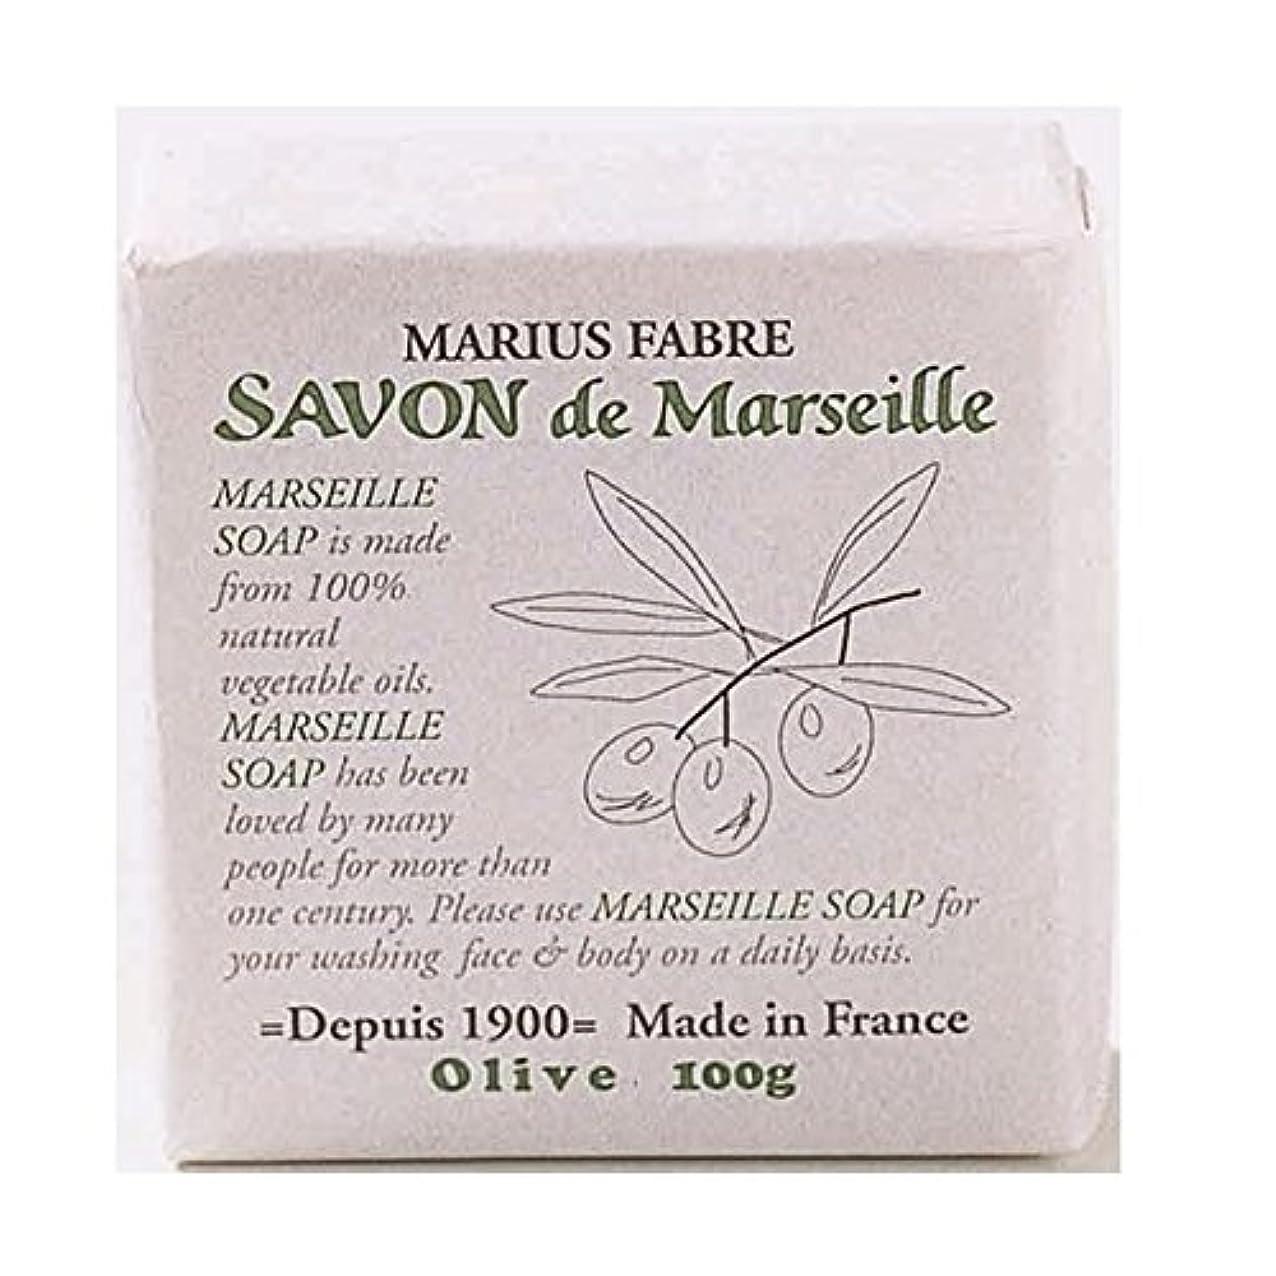 カーペット囲まれた頂点サボンドマルセイユ 無香料 オリーブ石鹸 100g 6個セット マリウスファーブル